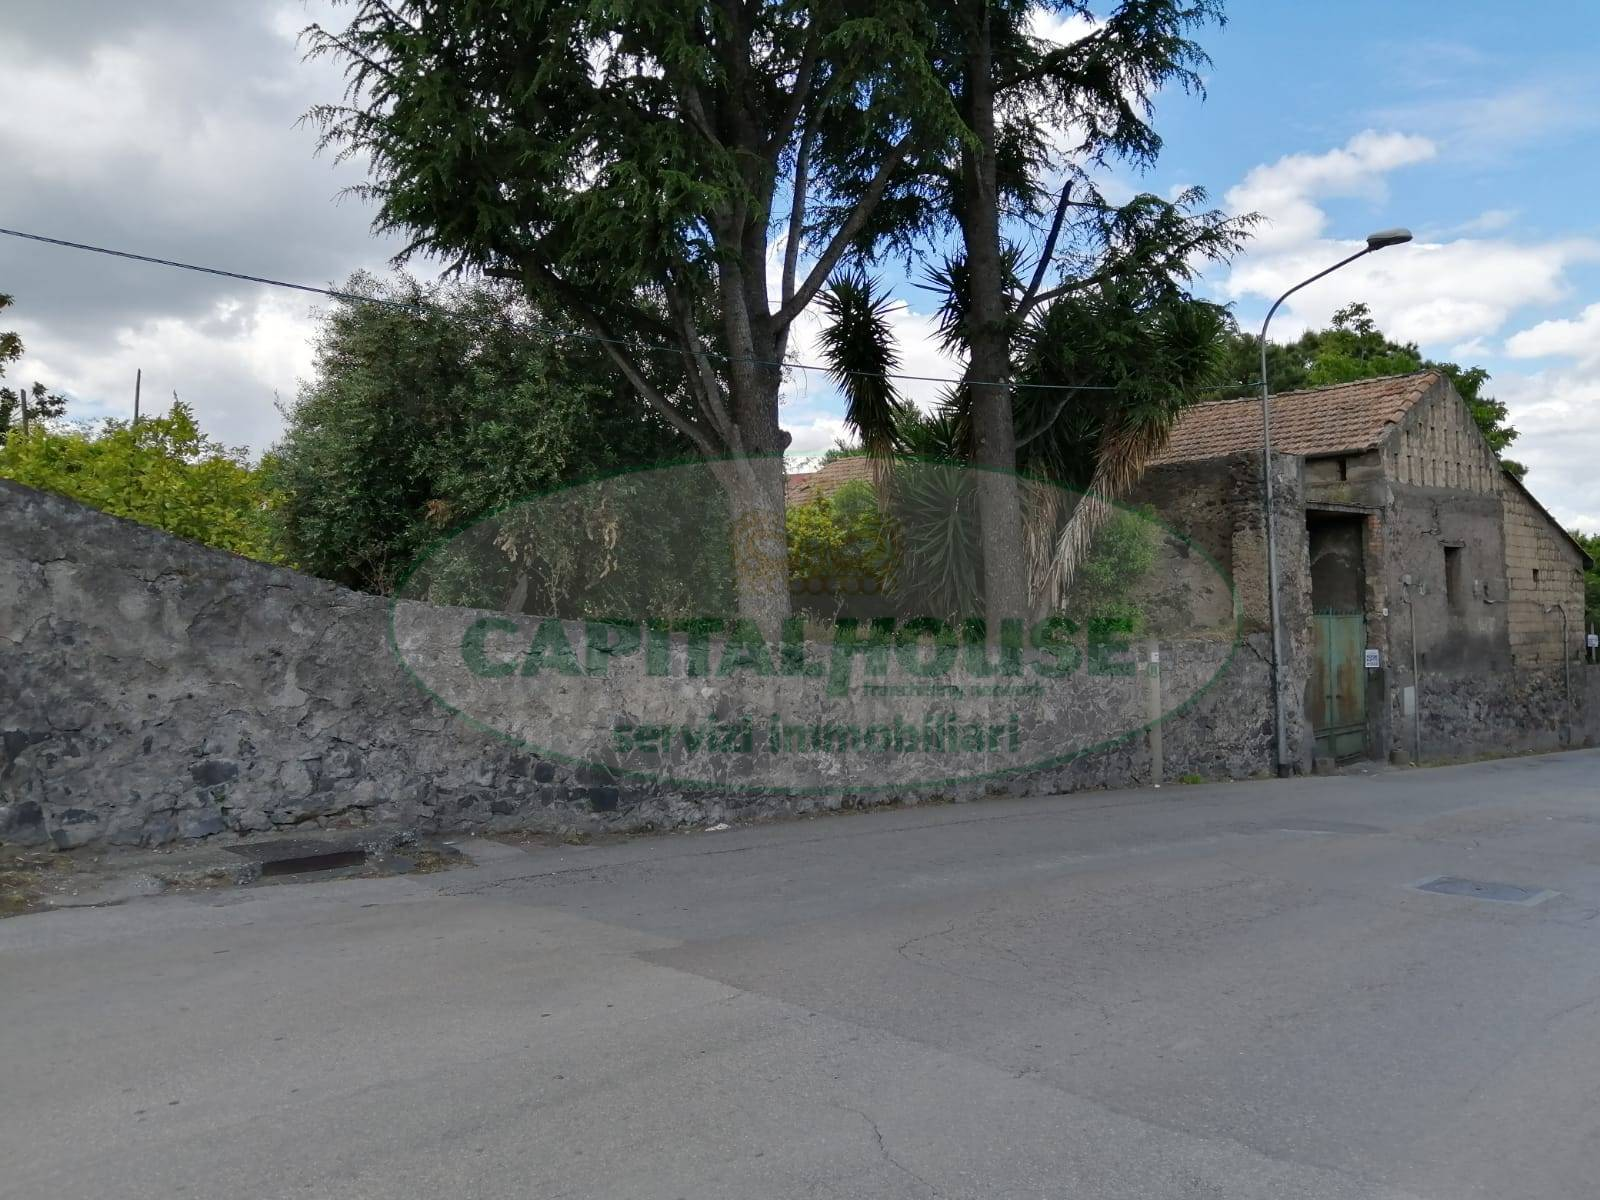 Rustico / Casale in affitto a Ottaviano, 4 locali, Trattative riservate | CambioCasa.it